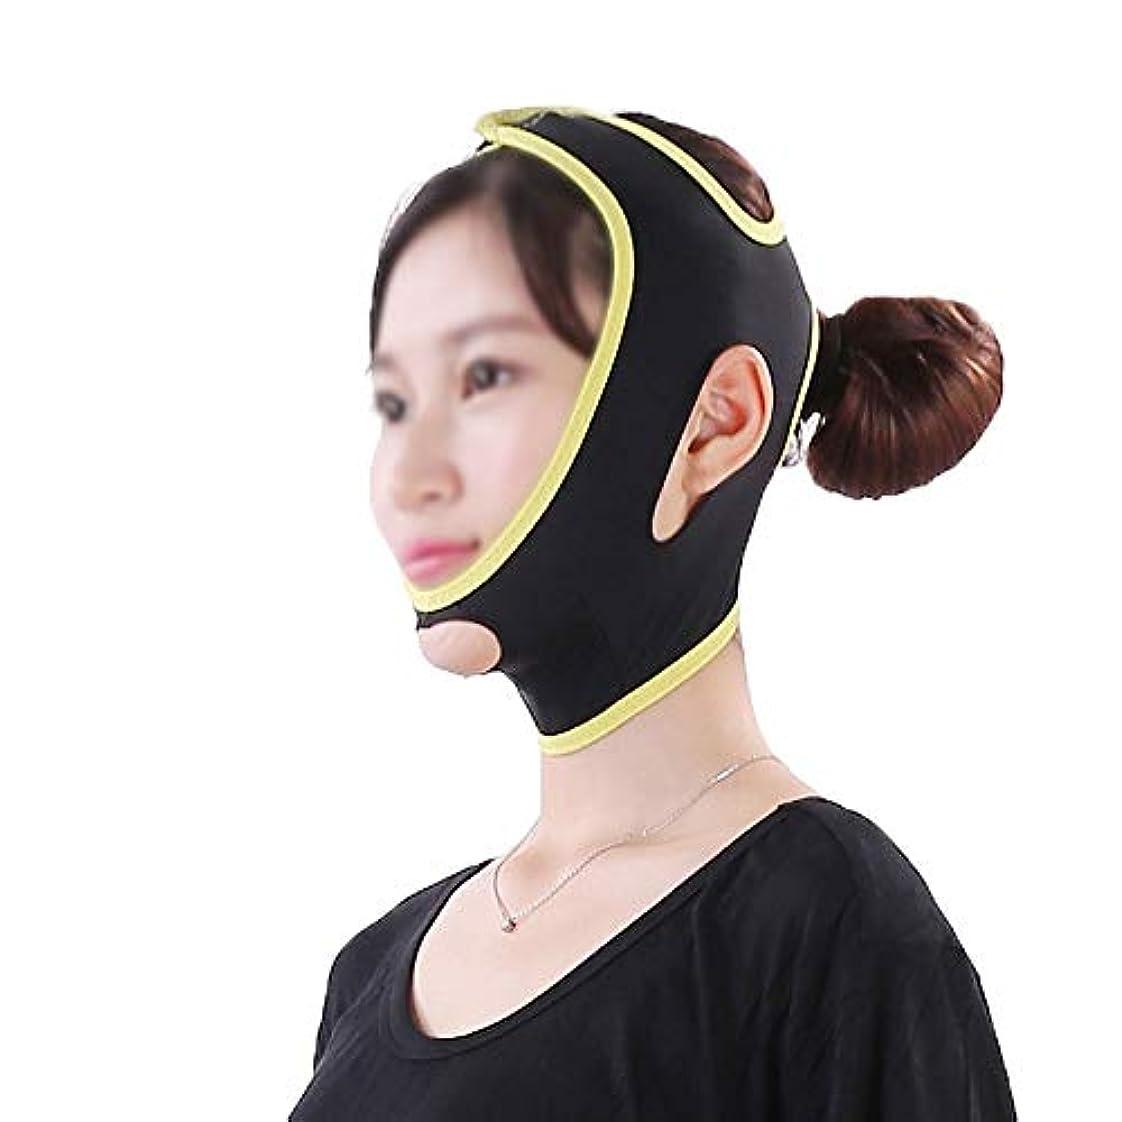 ロープ本を読む量TLMY フェイス&ネックリフトシンフェイスマスクパワフルマスクフェイスリフトアーチファクトフェイスリフトフェイスツールシンフェイス包帯シンフェイスマスク美容マスク 顔用整形マスク (Size : L)